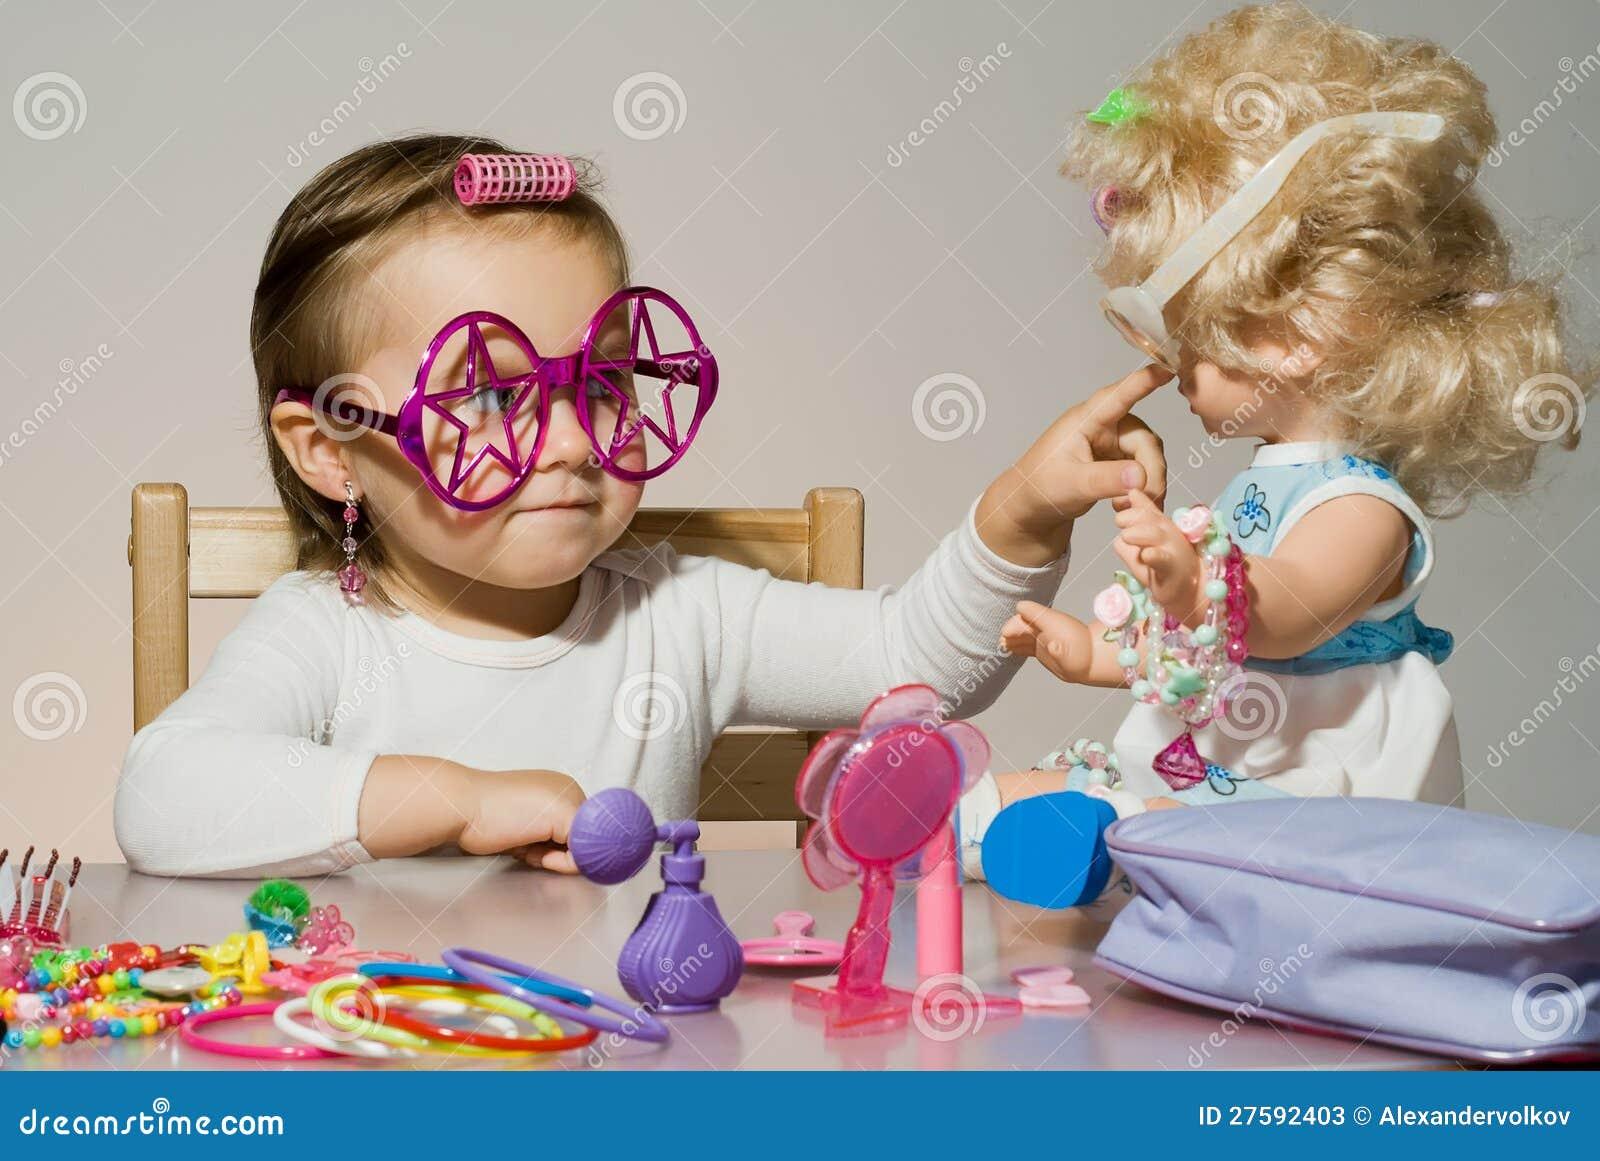 Ролевые игра с мамой 1 фотография